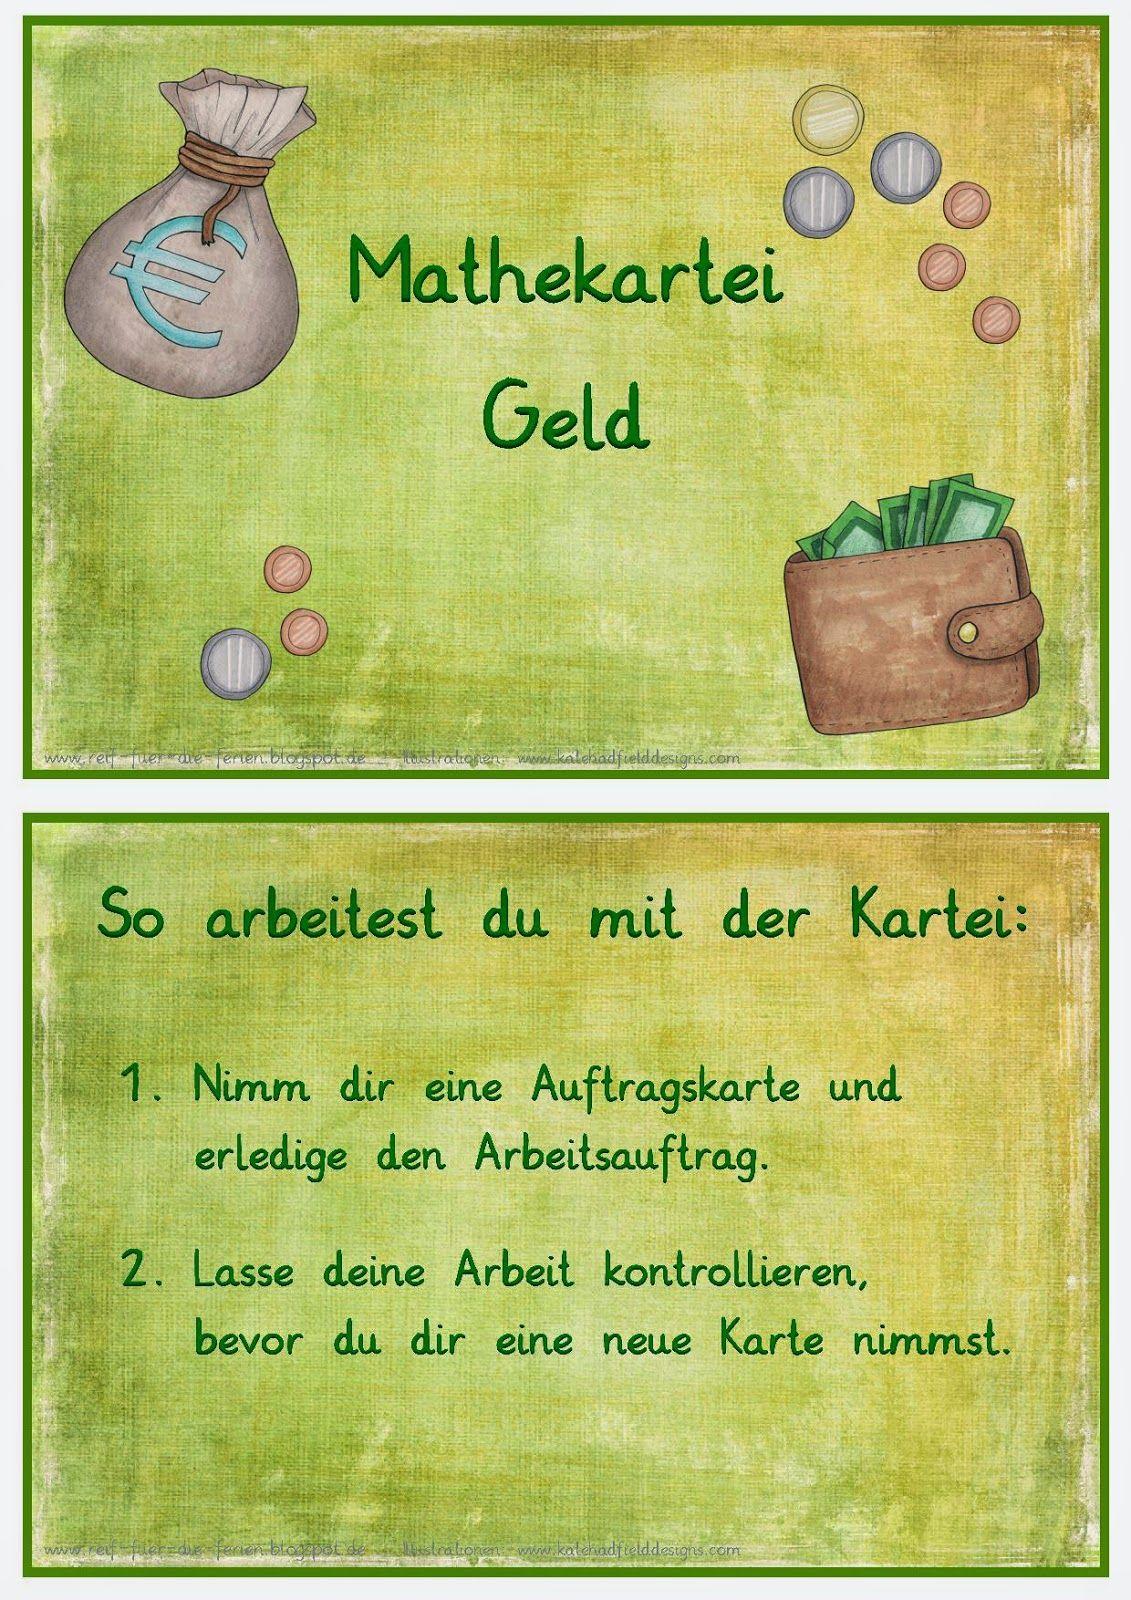 mathekartei geld schule pinterest kartei mathe und